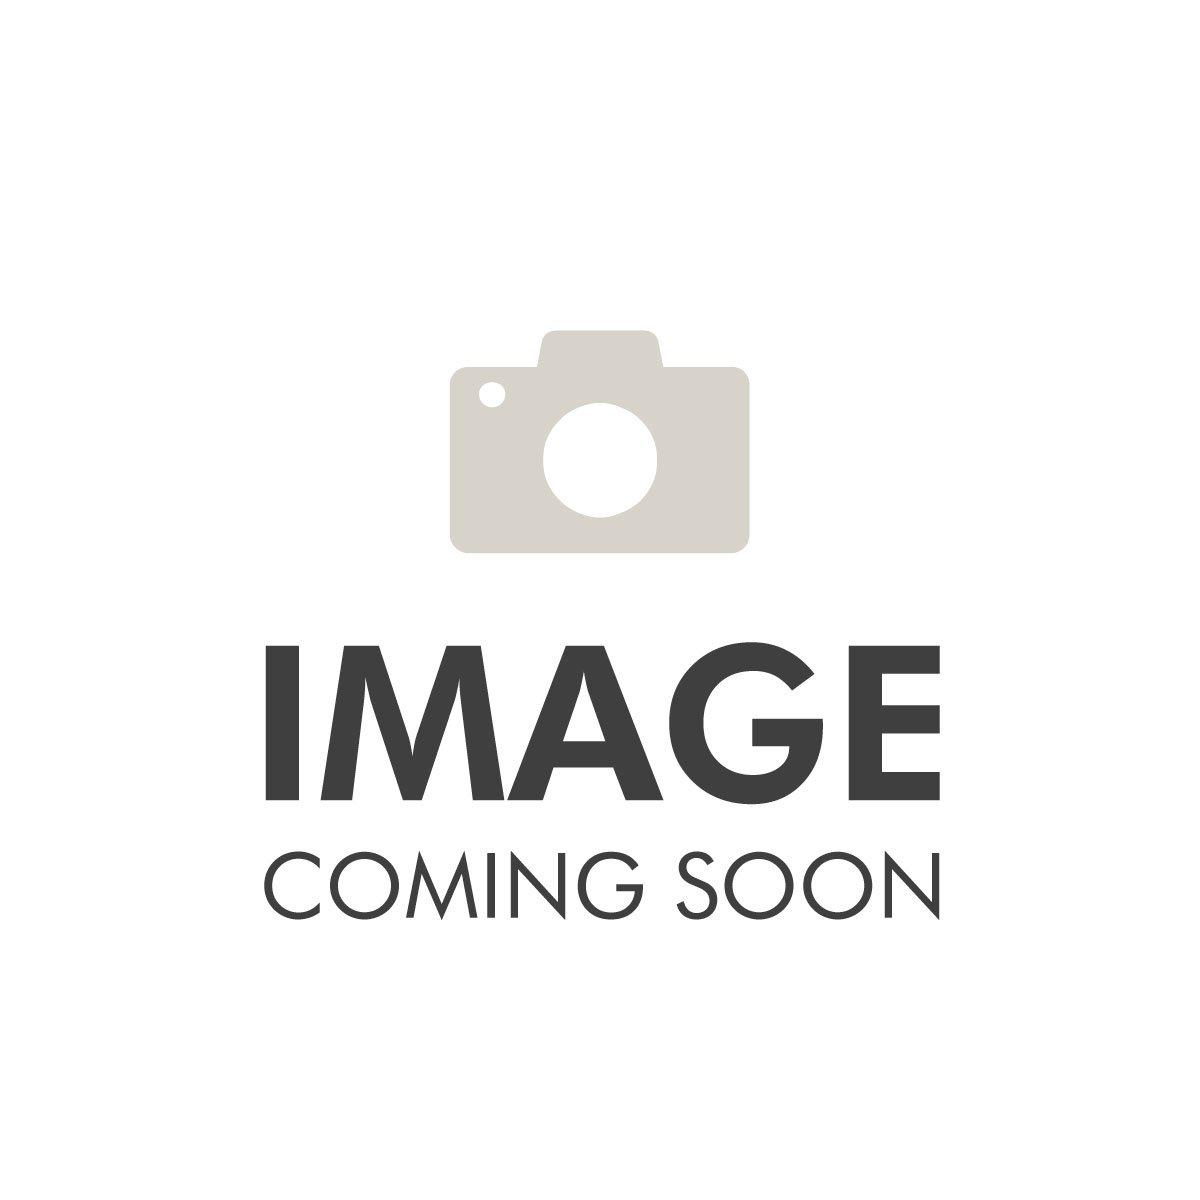 PBT - Coussin de fleuret/sabre électrique - Feutre